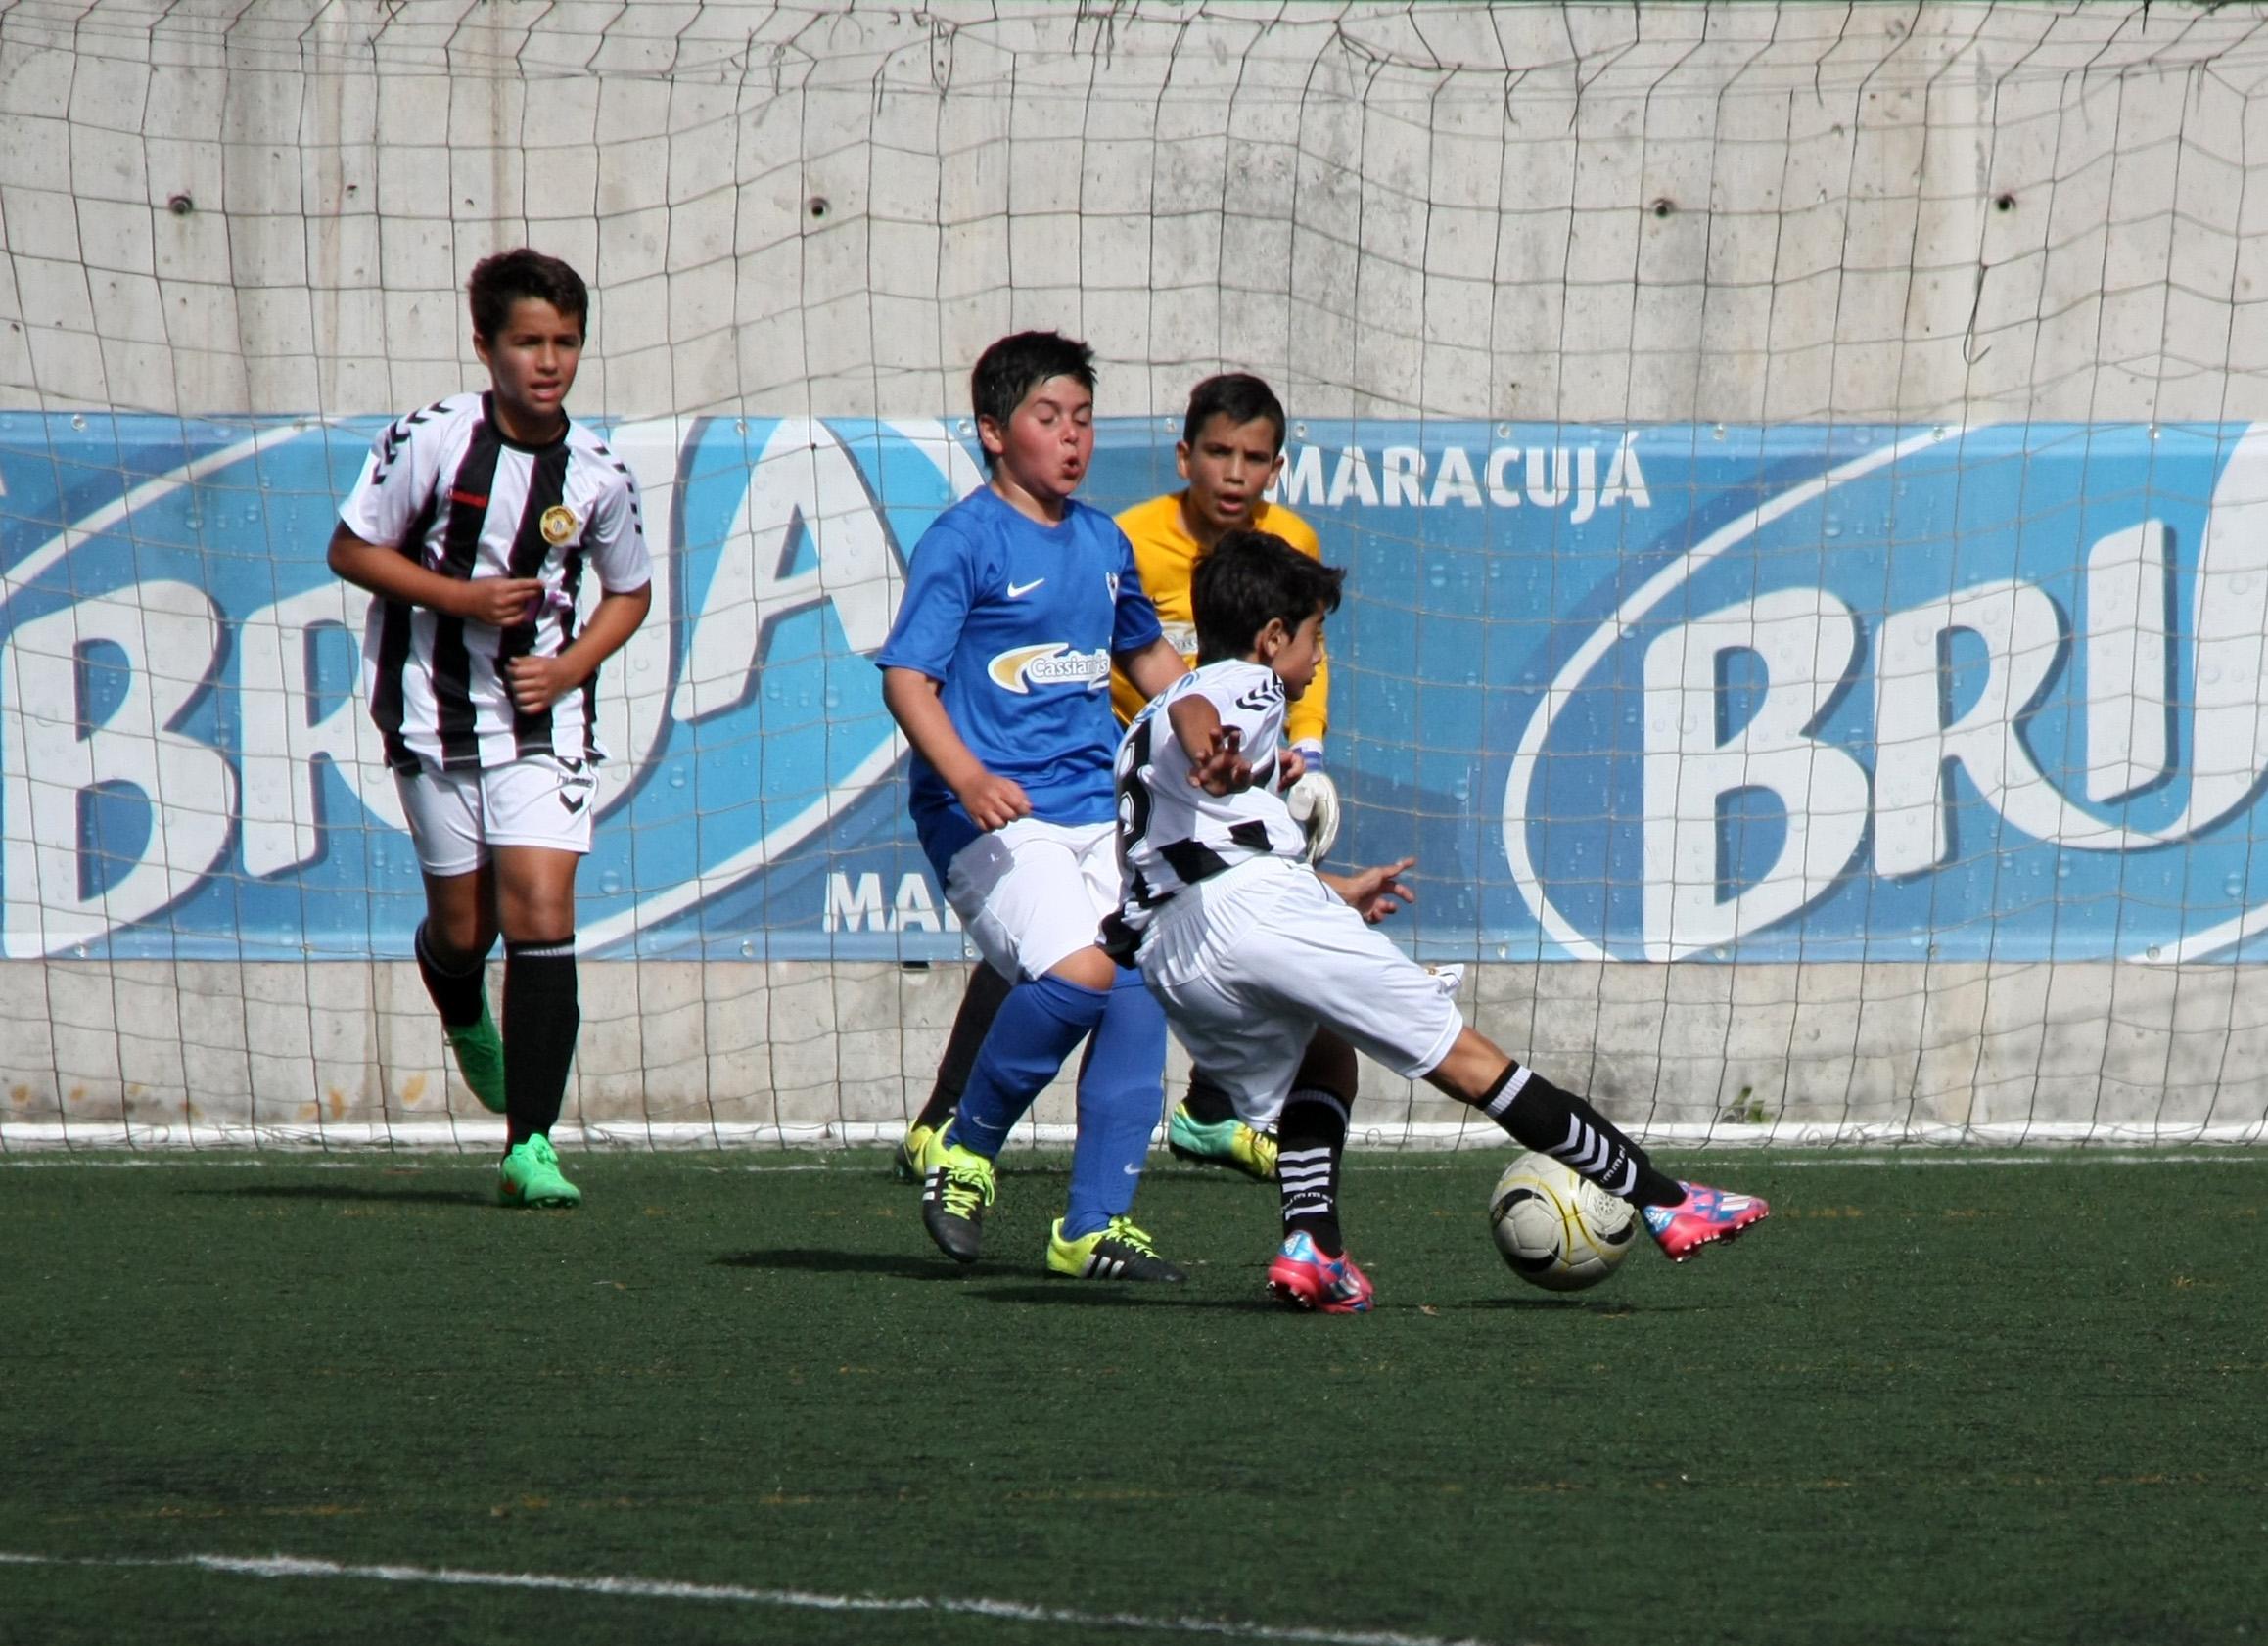 Feirense: Clube Desportivo Nacional Futebol De Formação: Resultados